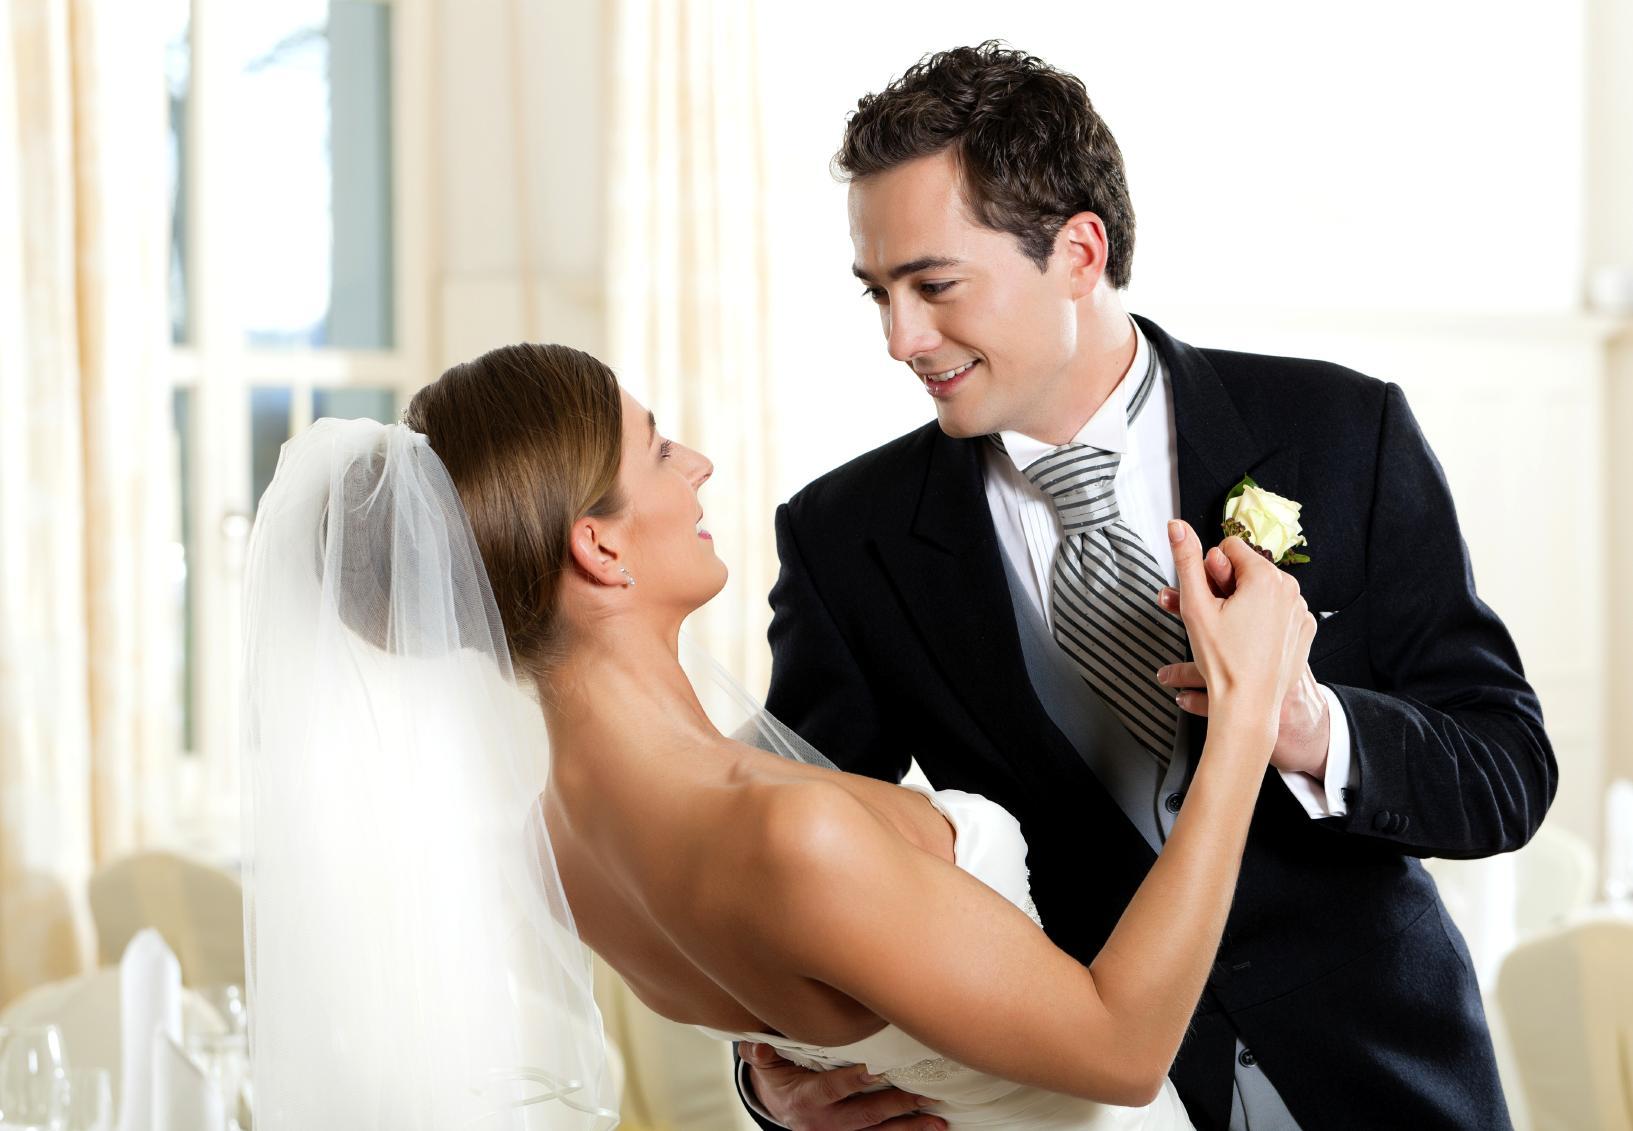 Как сделать красивое фото на свадьбе